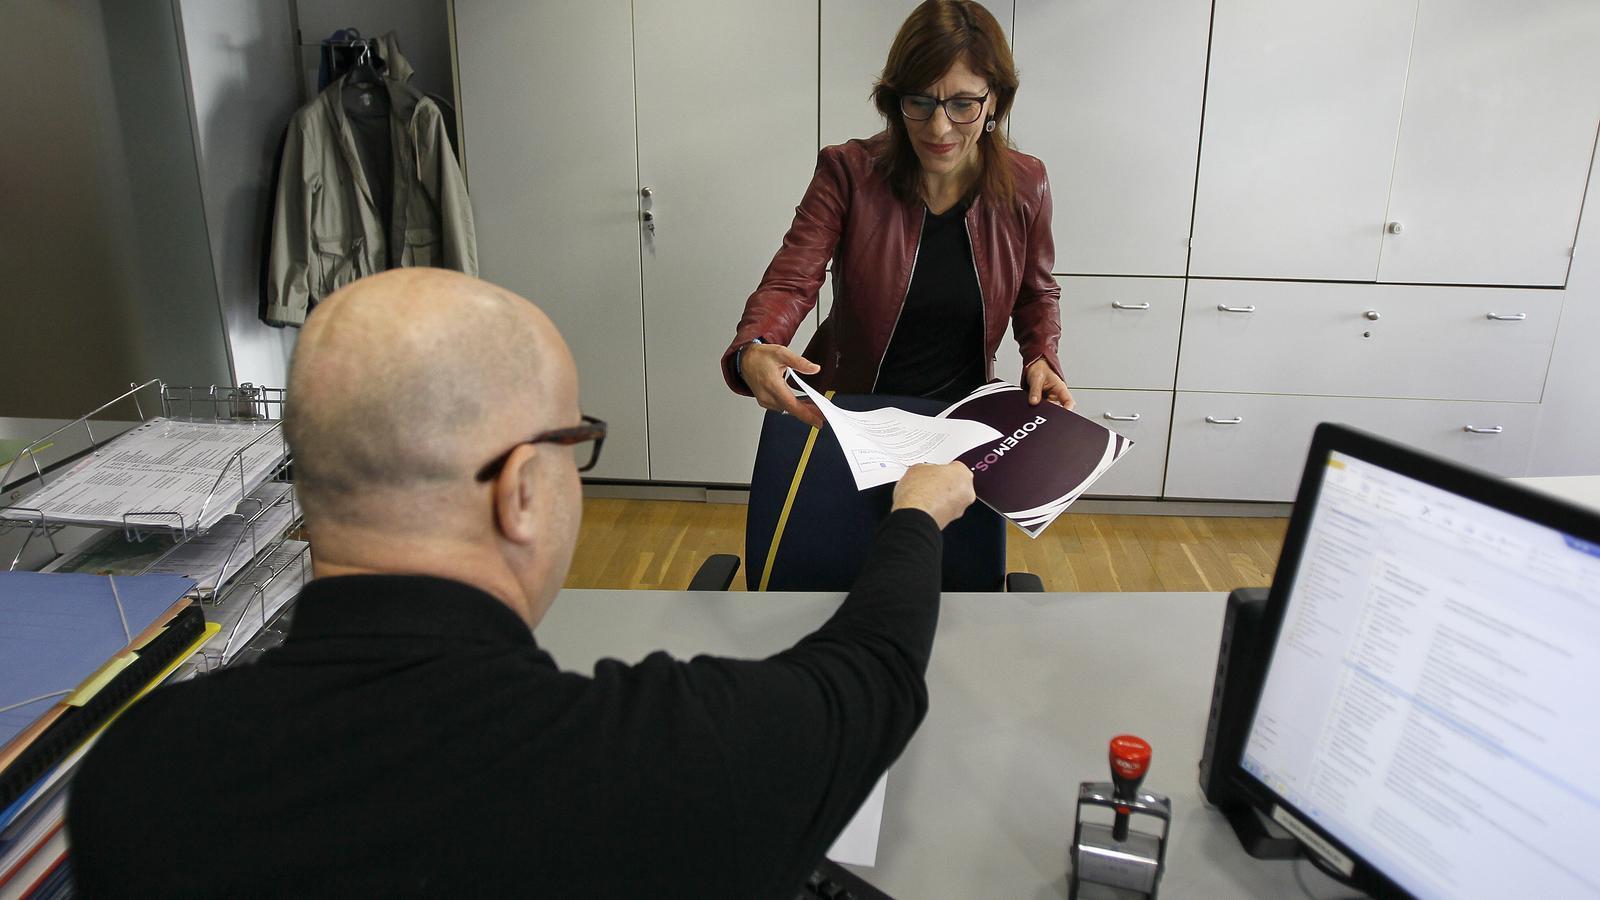 Laura Camargo aquest dilluns al Parlament presentant l'escrit en el qual deixa de ser la portaveu del grup Podem.